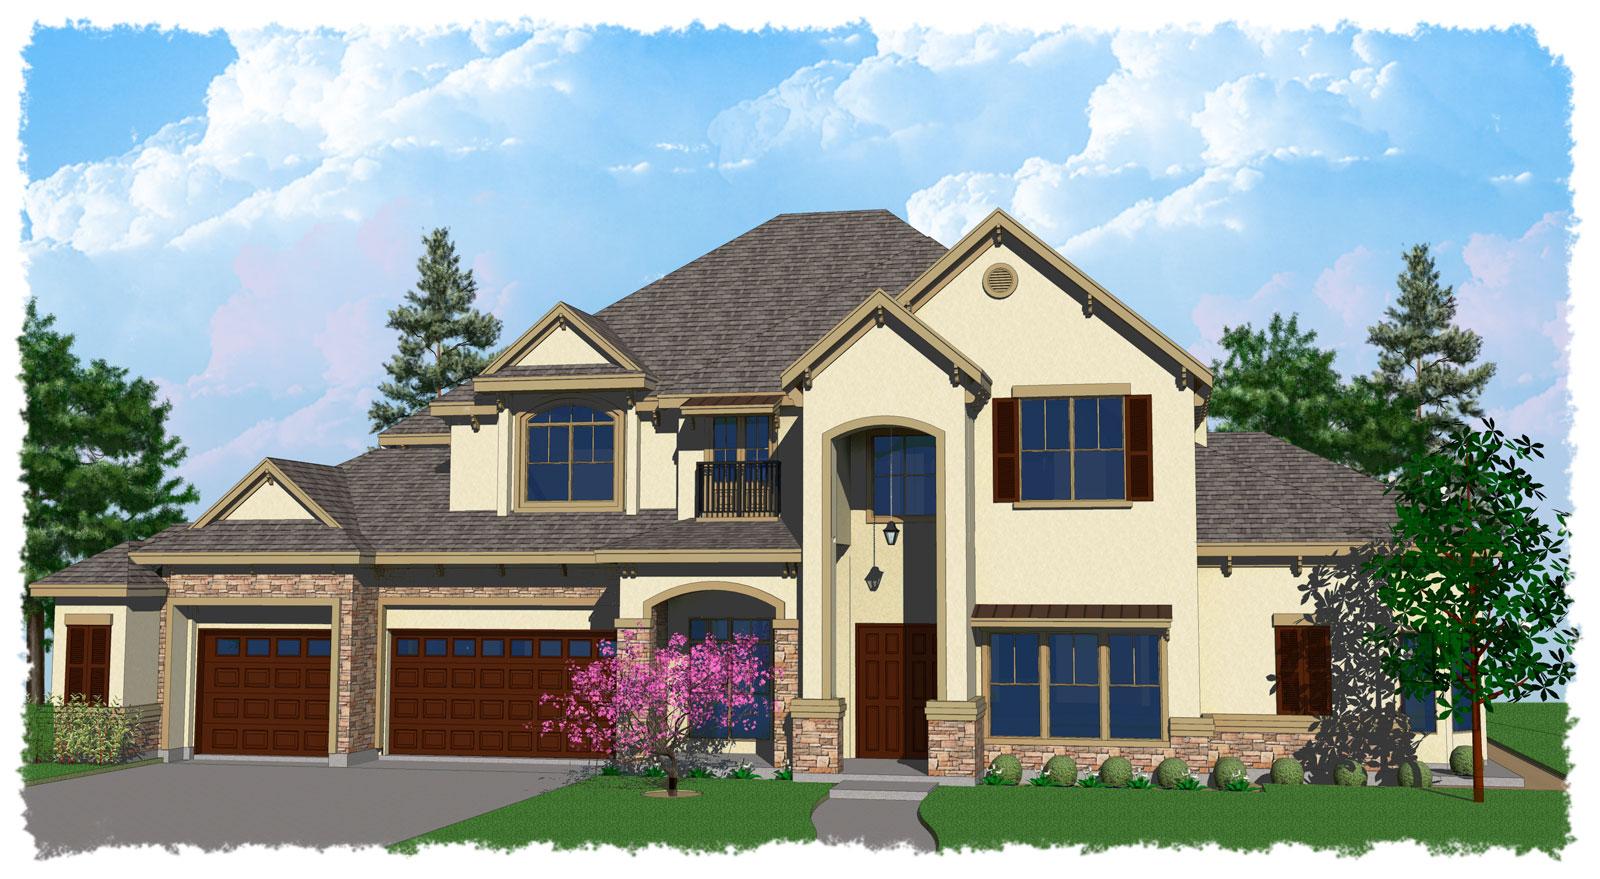 Wood custom homes houston tx best free home design for Custom home plans houston